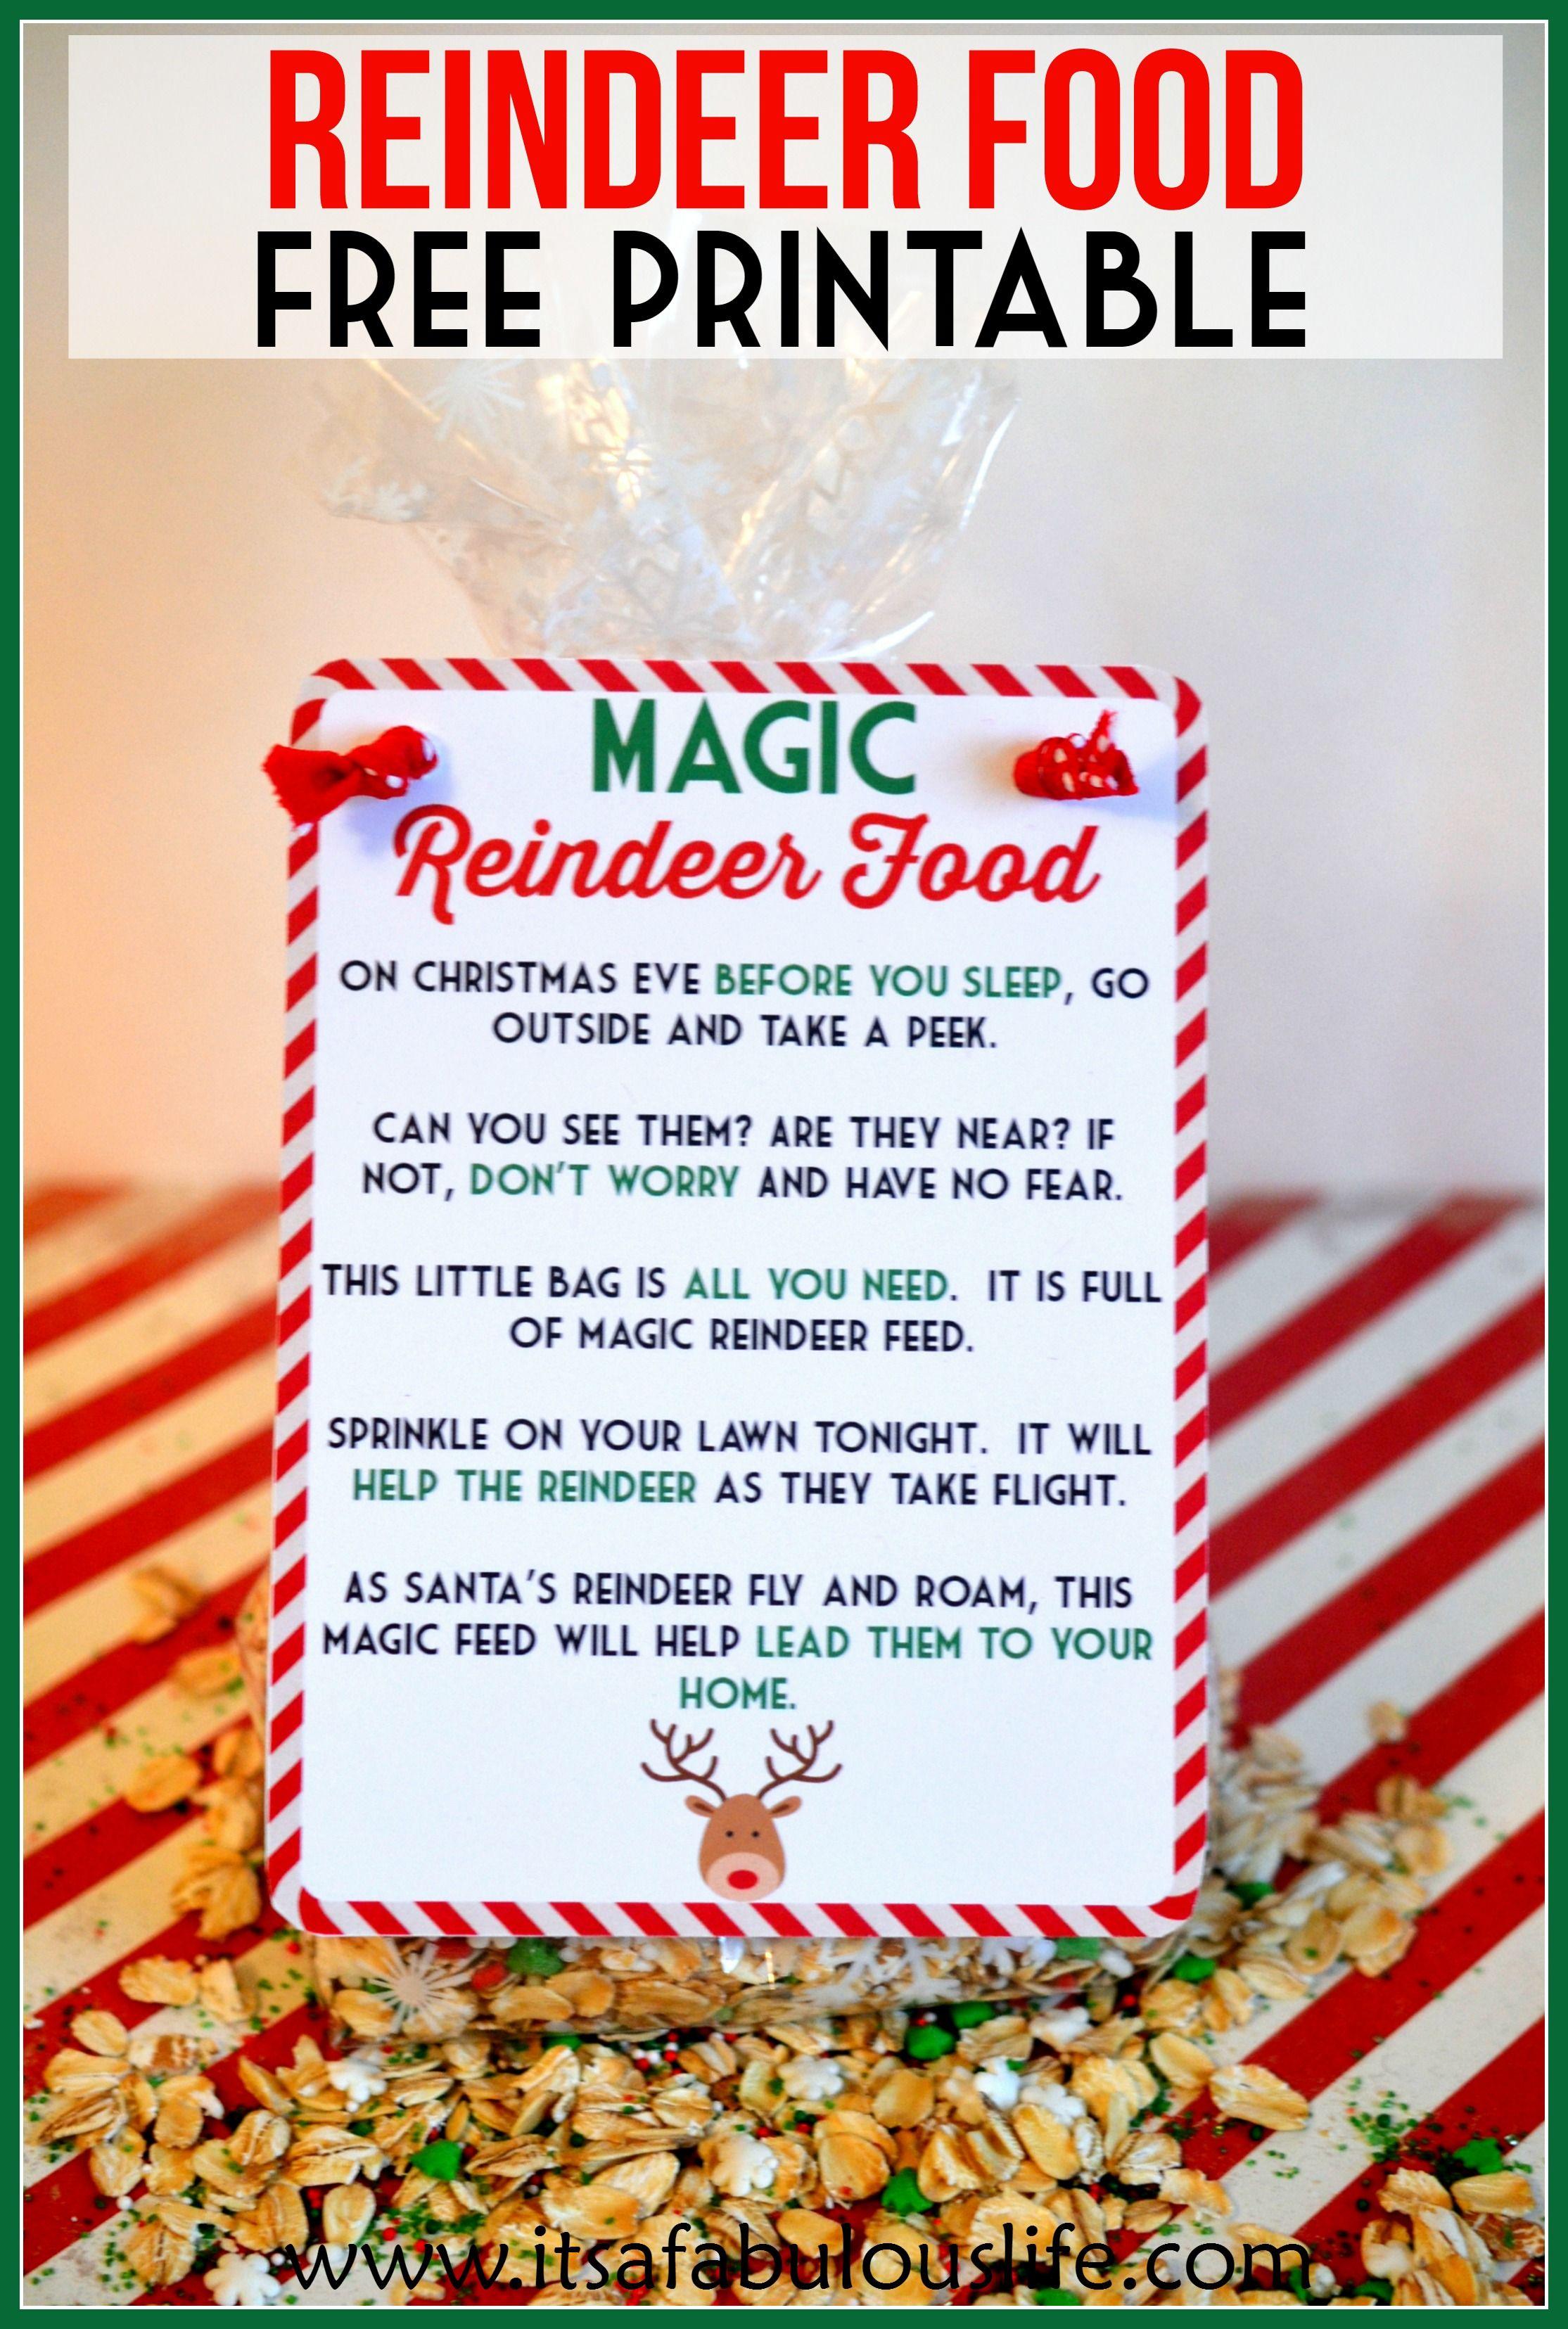 Magic Reindeer Food Poem Amp Free Printable Also Includes The Reindeer Food Recipe